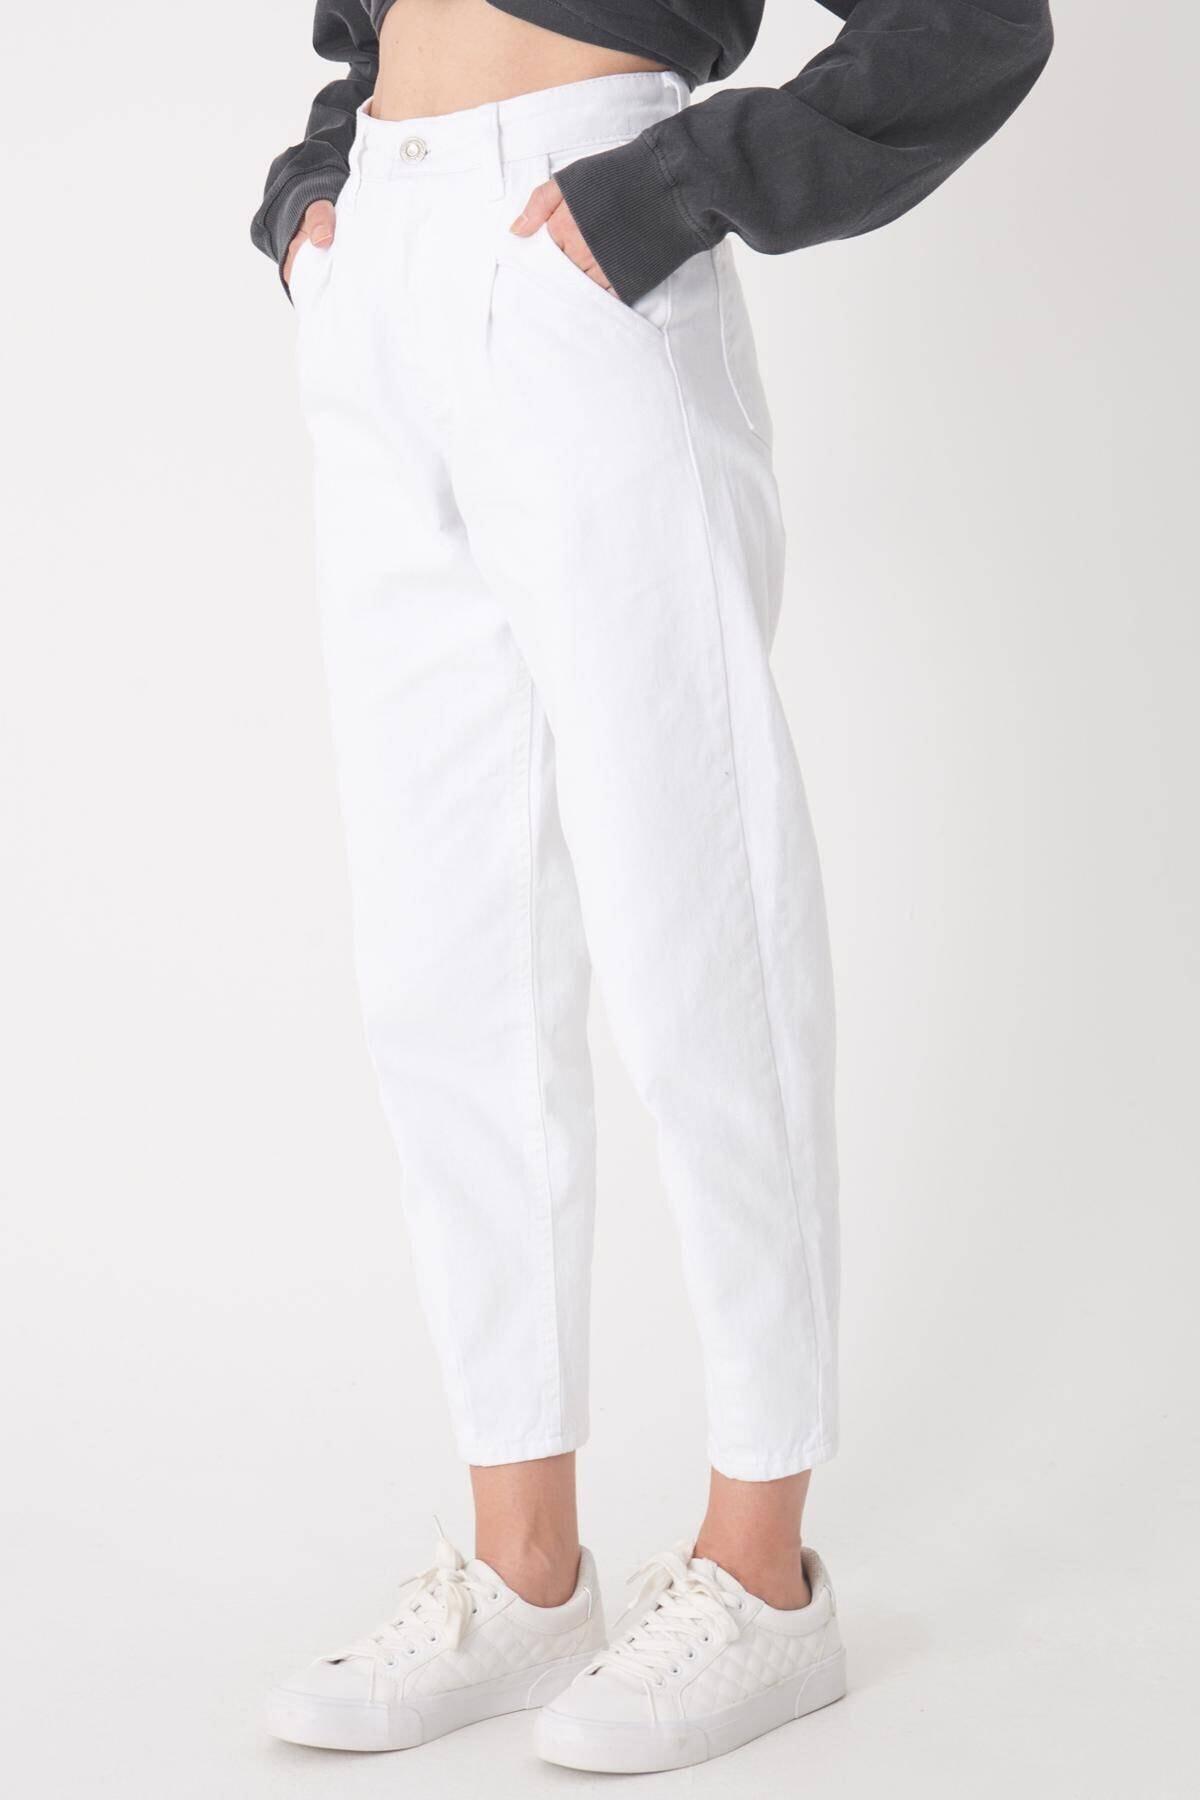 Addax Kadın Beyaz Cep Detaylı Pantolon Pn6895 - Pnh Adx-0000023130 3